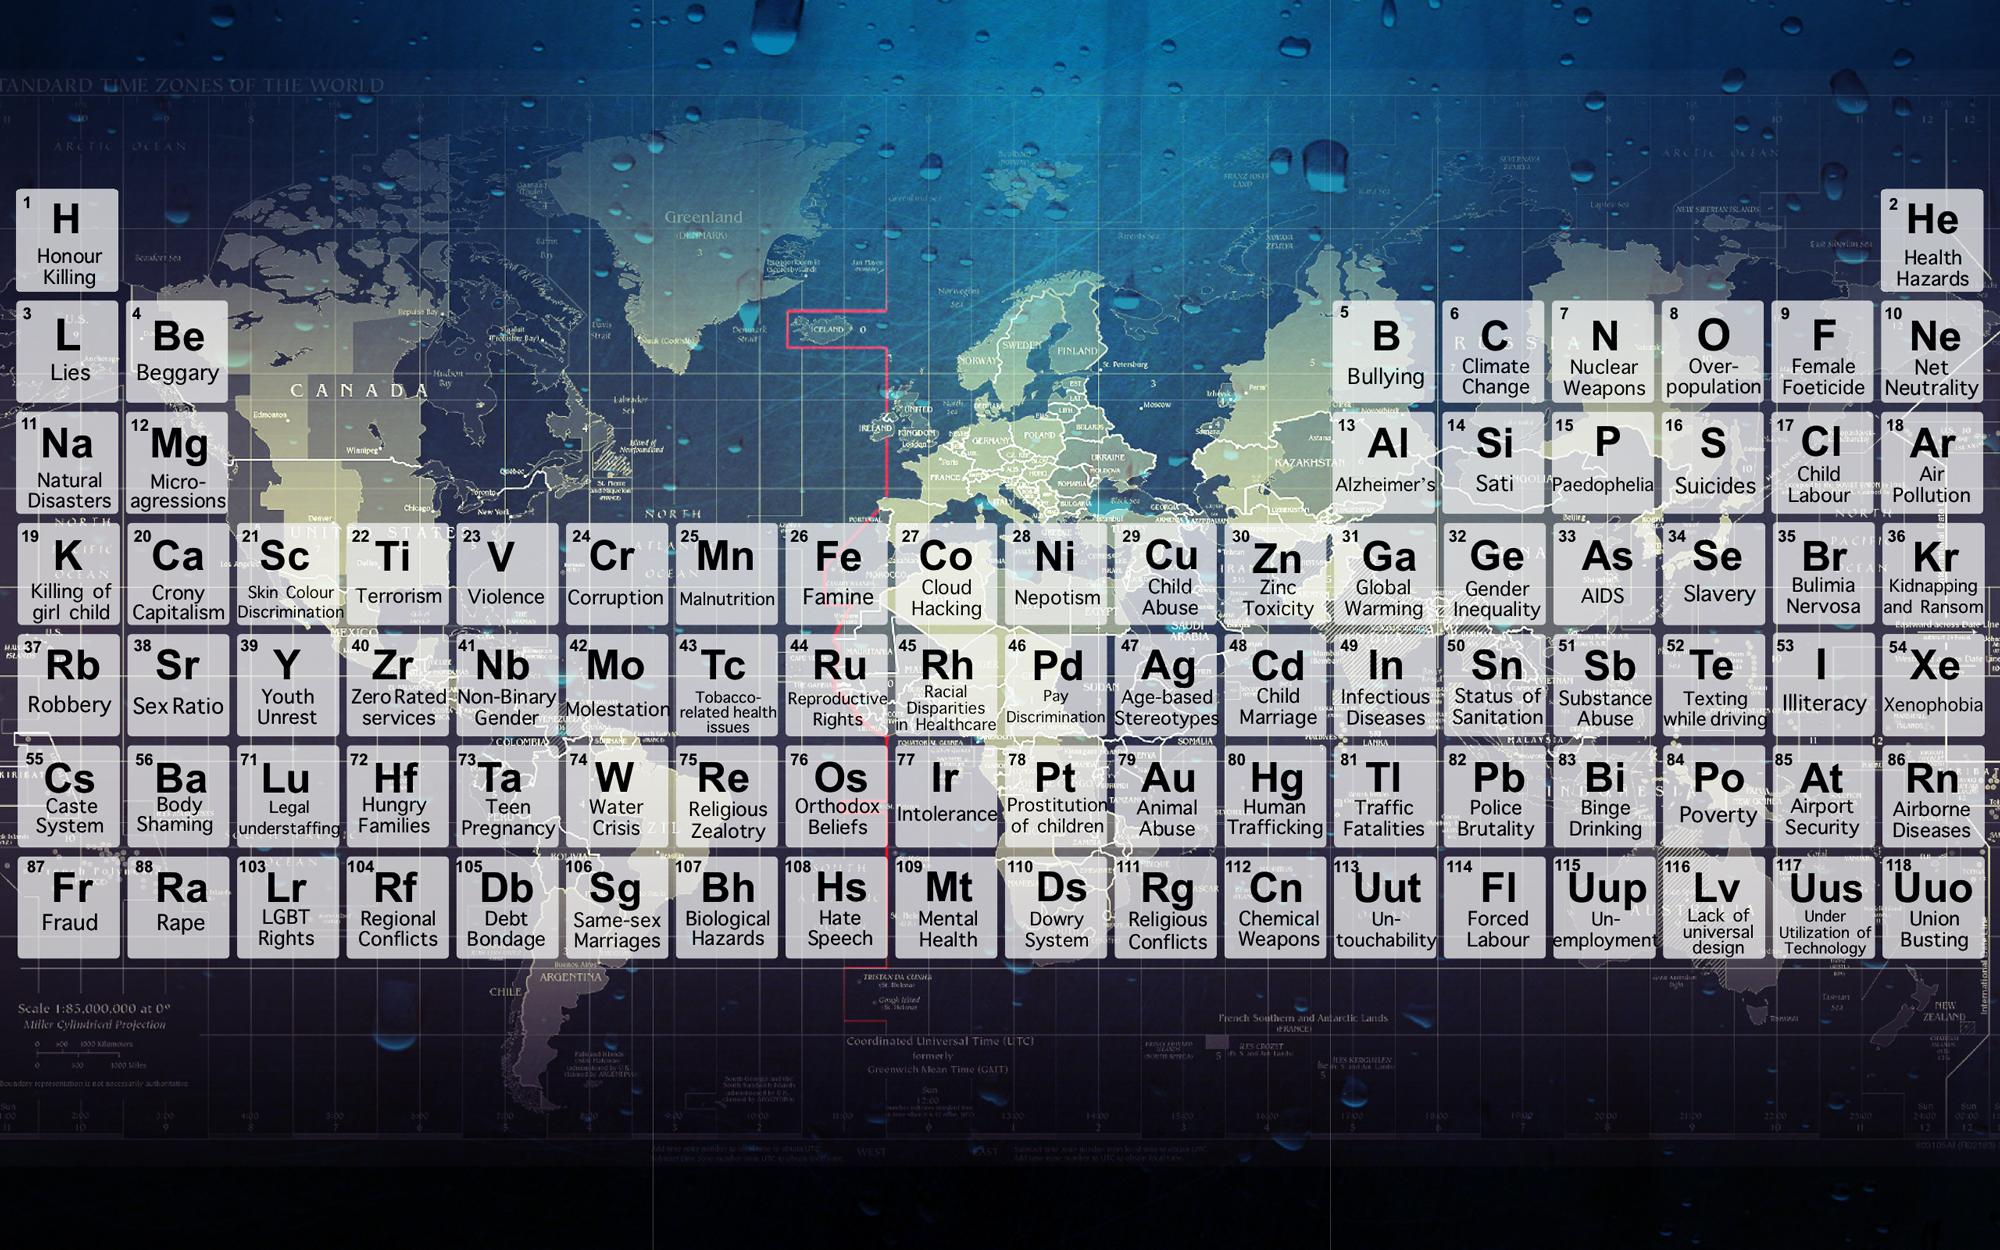 tabela periódica com problemas do mundo